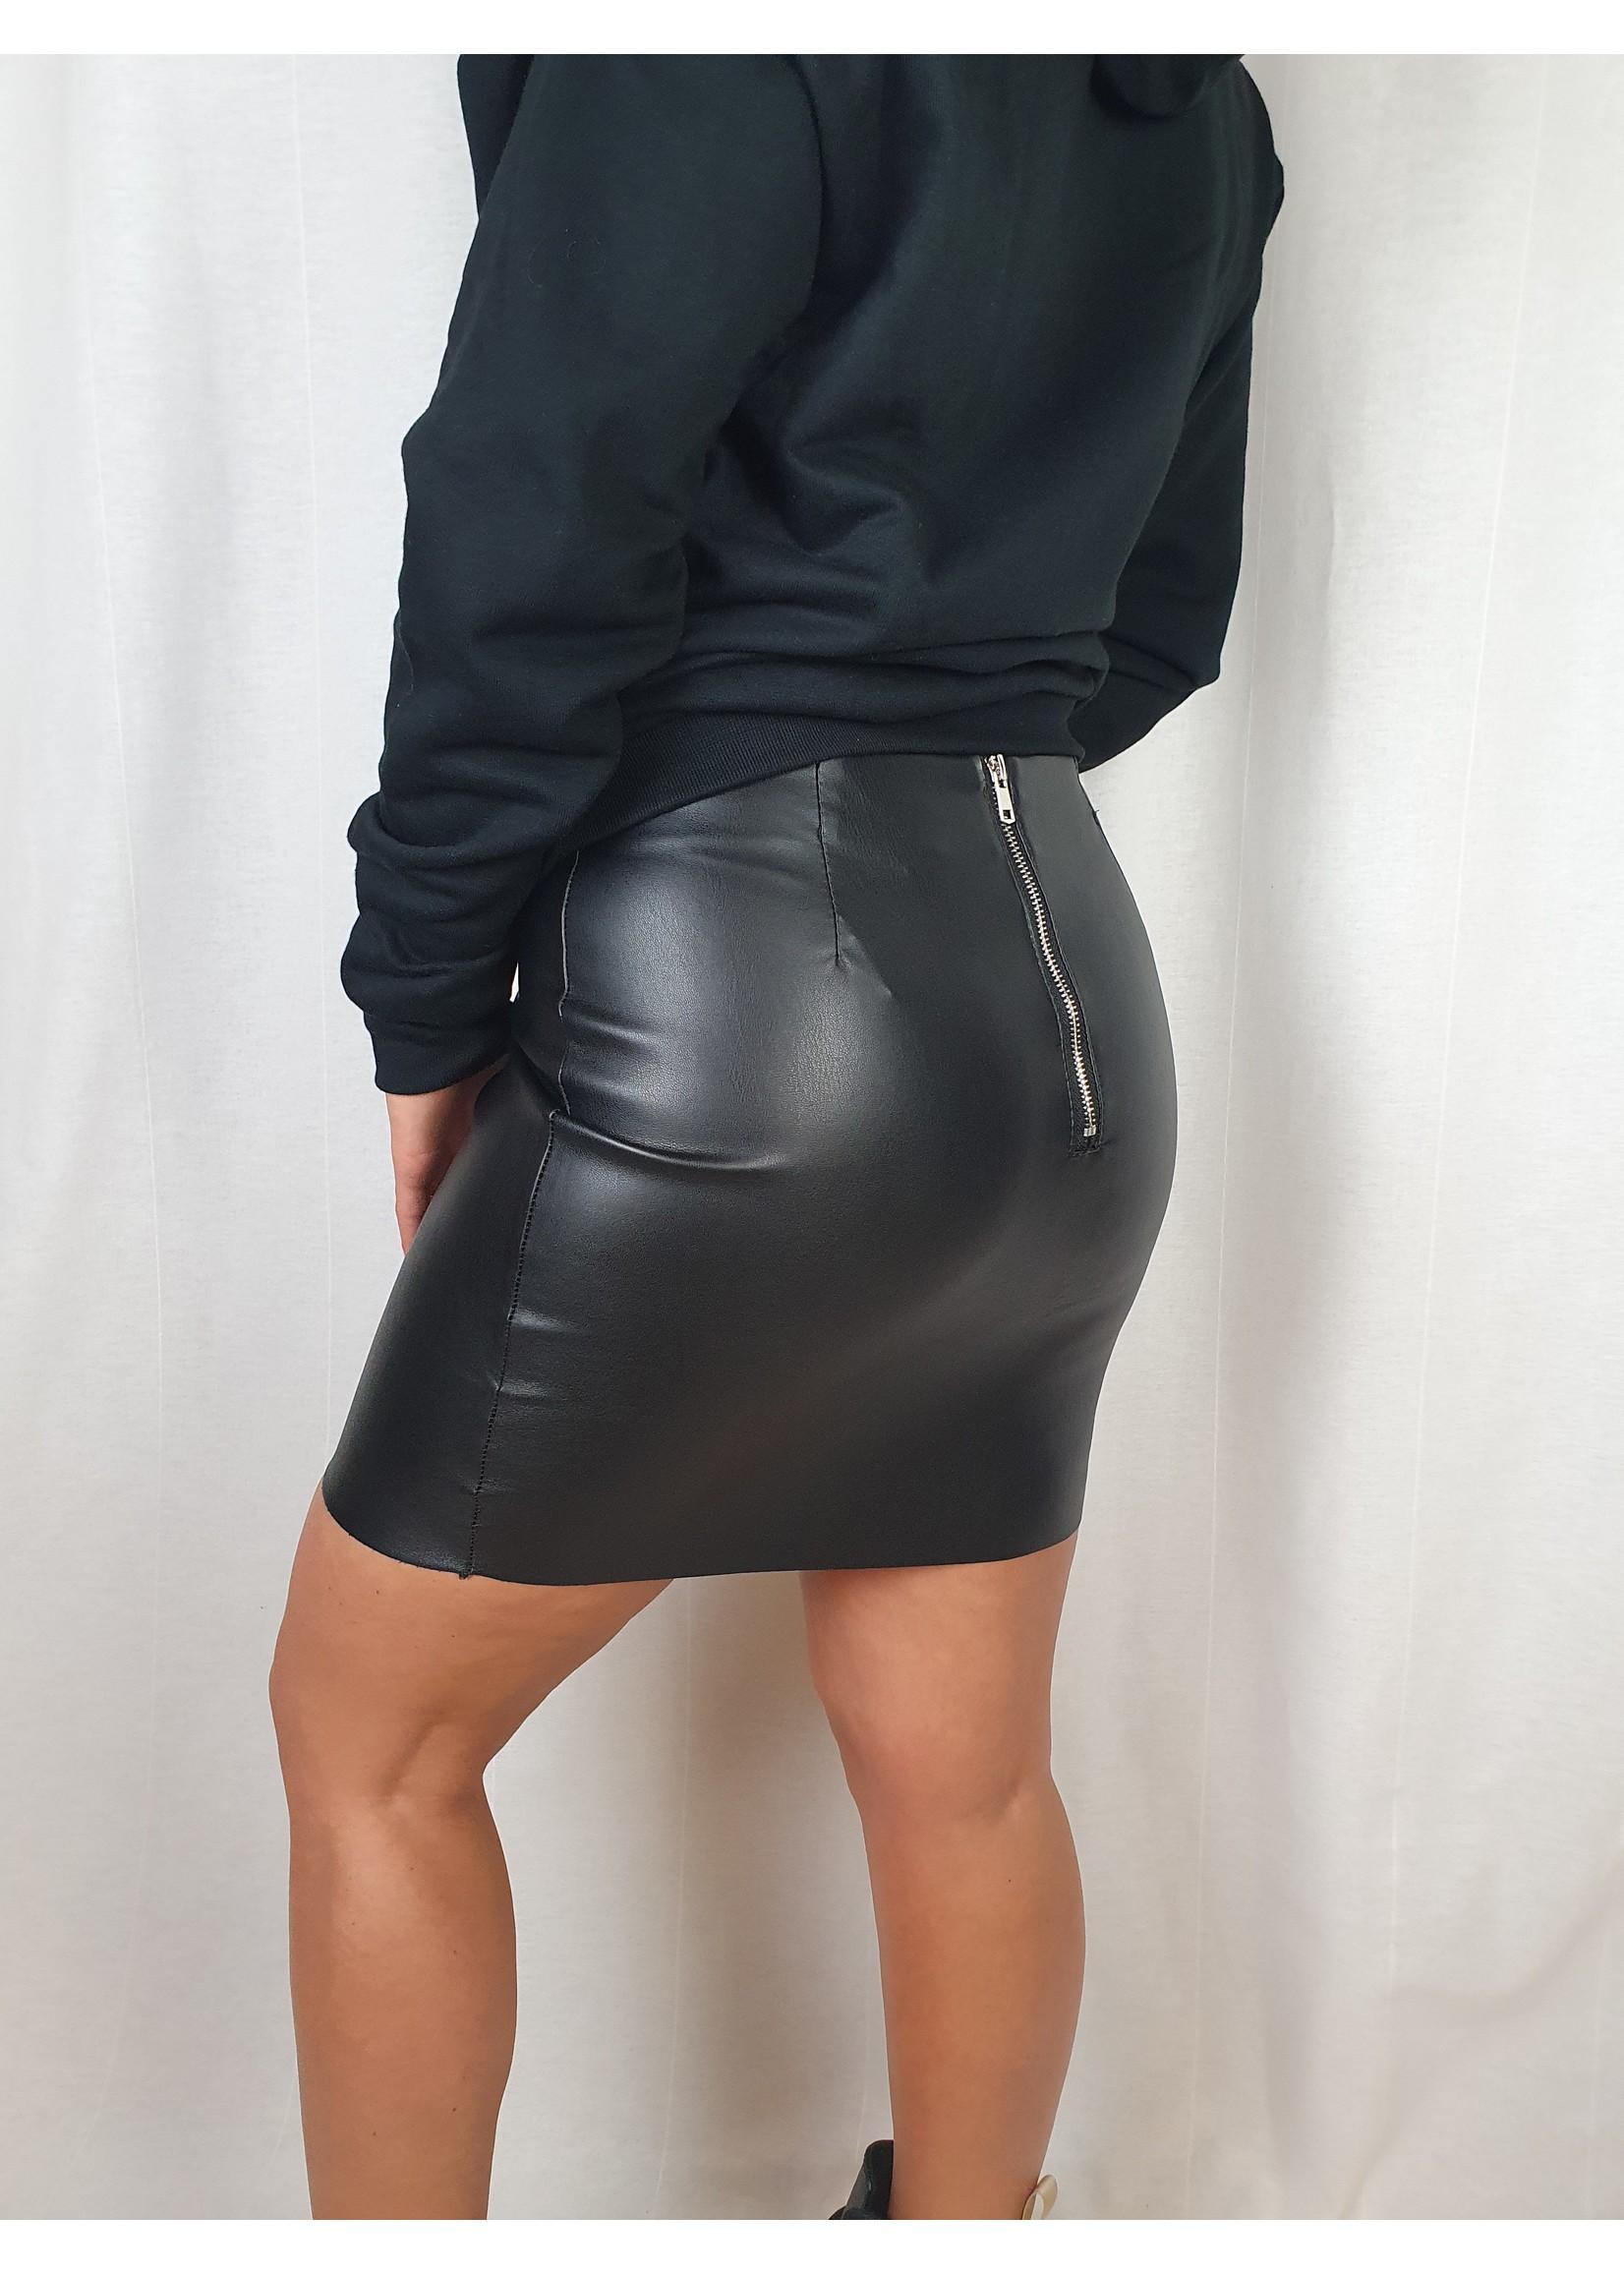 Ladybugs LM2312 Elena basic leather skirt BLACK